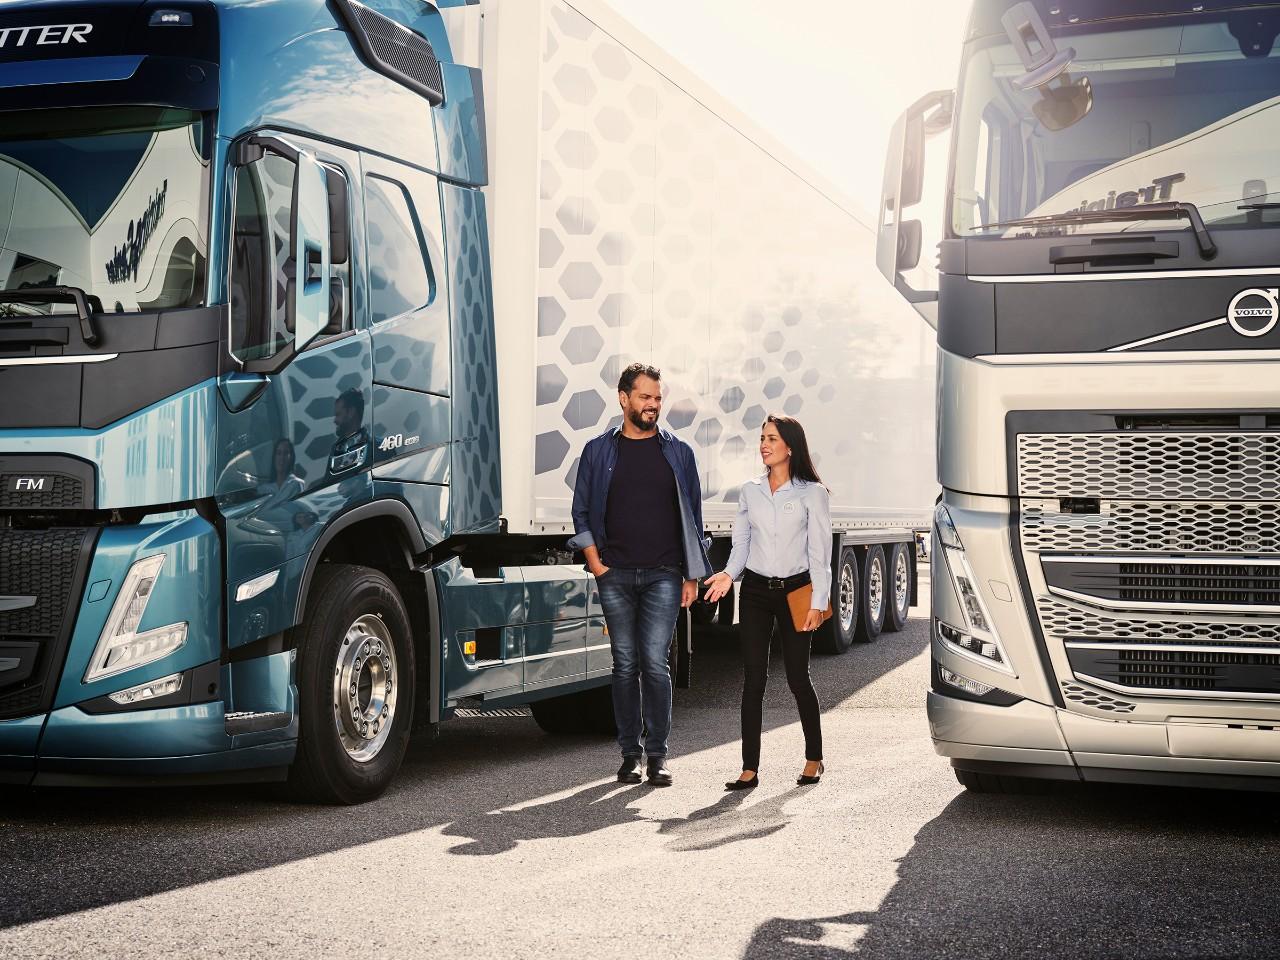 Обслуговування вантажівки — приймає до уваги кожен аспект вашого бізнесу